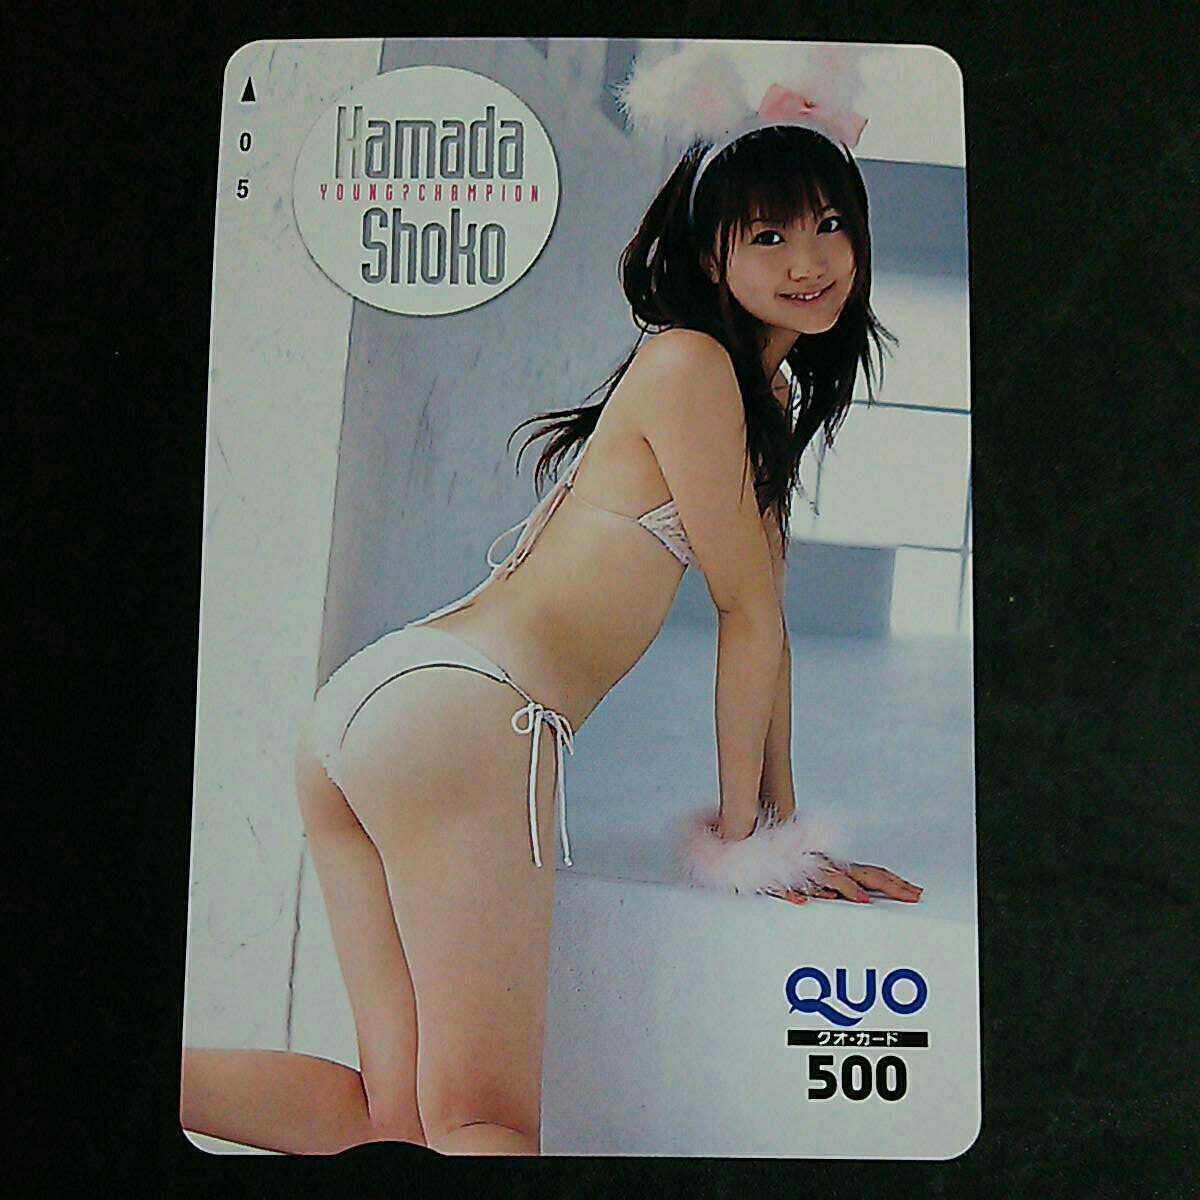 浜田翔子 レア セクシー 水着 クオカード QUOカード クオカ 非売品 未使用 グラビア アイドル テレカ、図書カードではないです ④_画像2